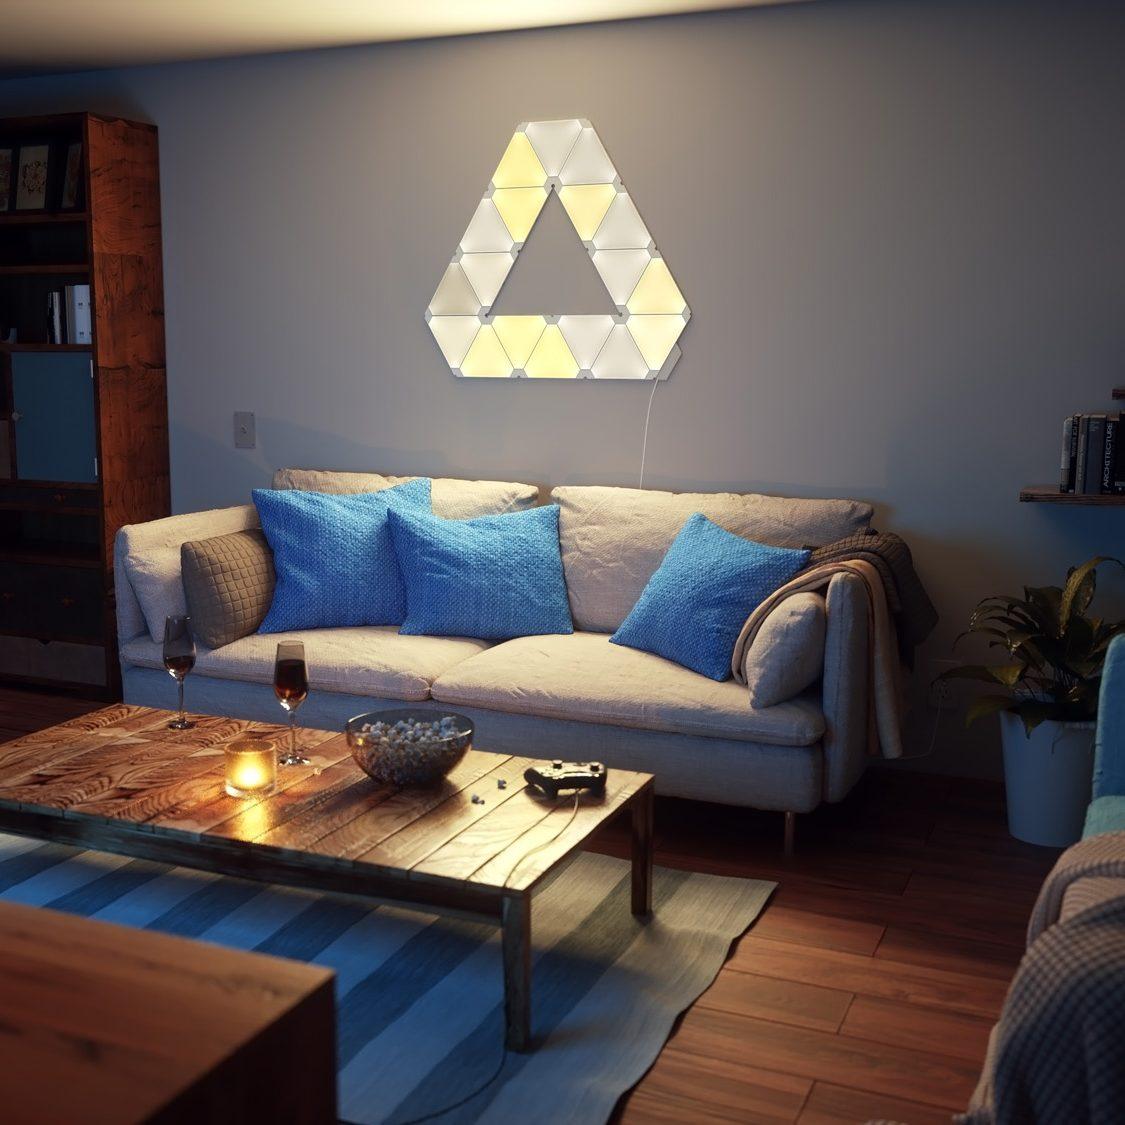 スマート家電Nanoleaf『Aurora Smarter Kit』で自在に照明をカスタマイズしよう!